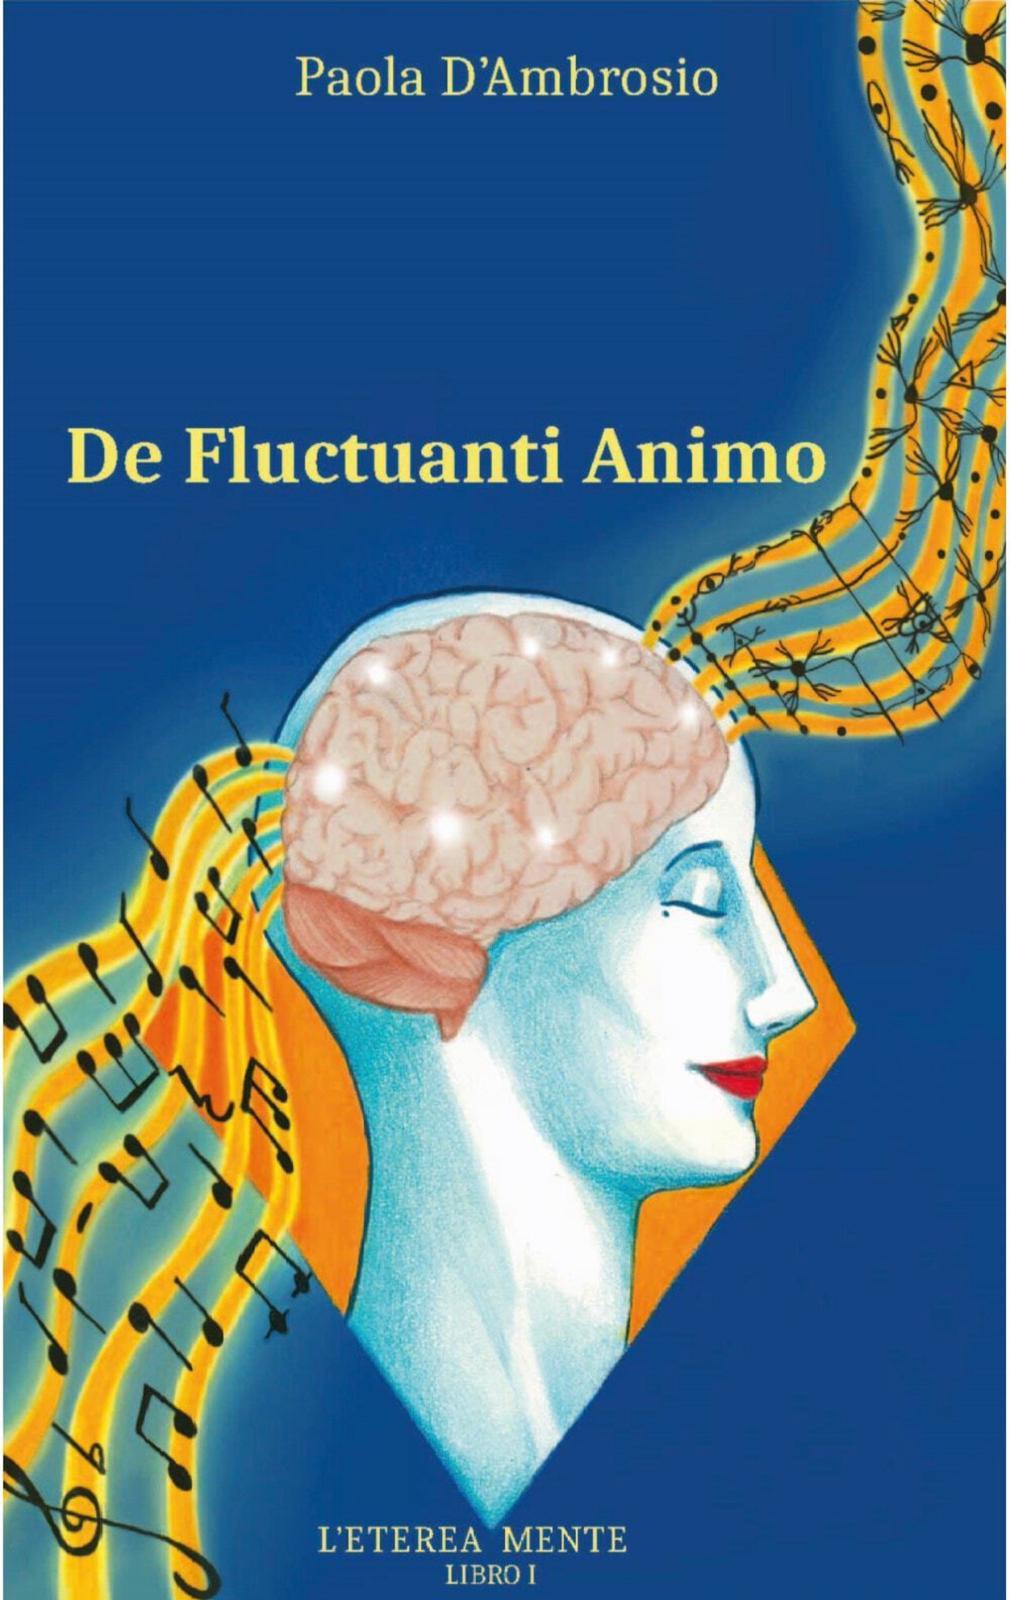 De Fluctuanti Animo un libro di Paola D'Ambrosio.